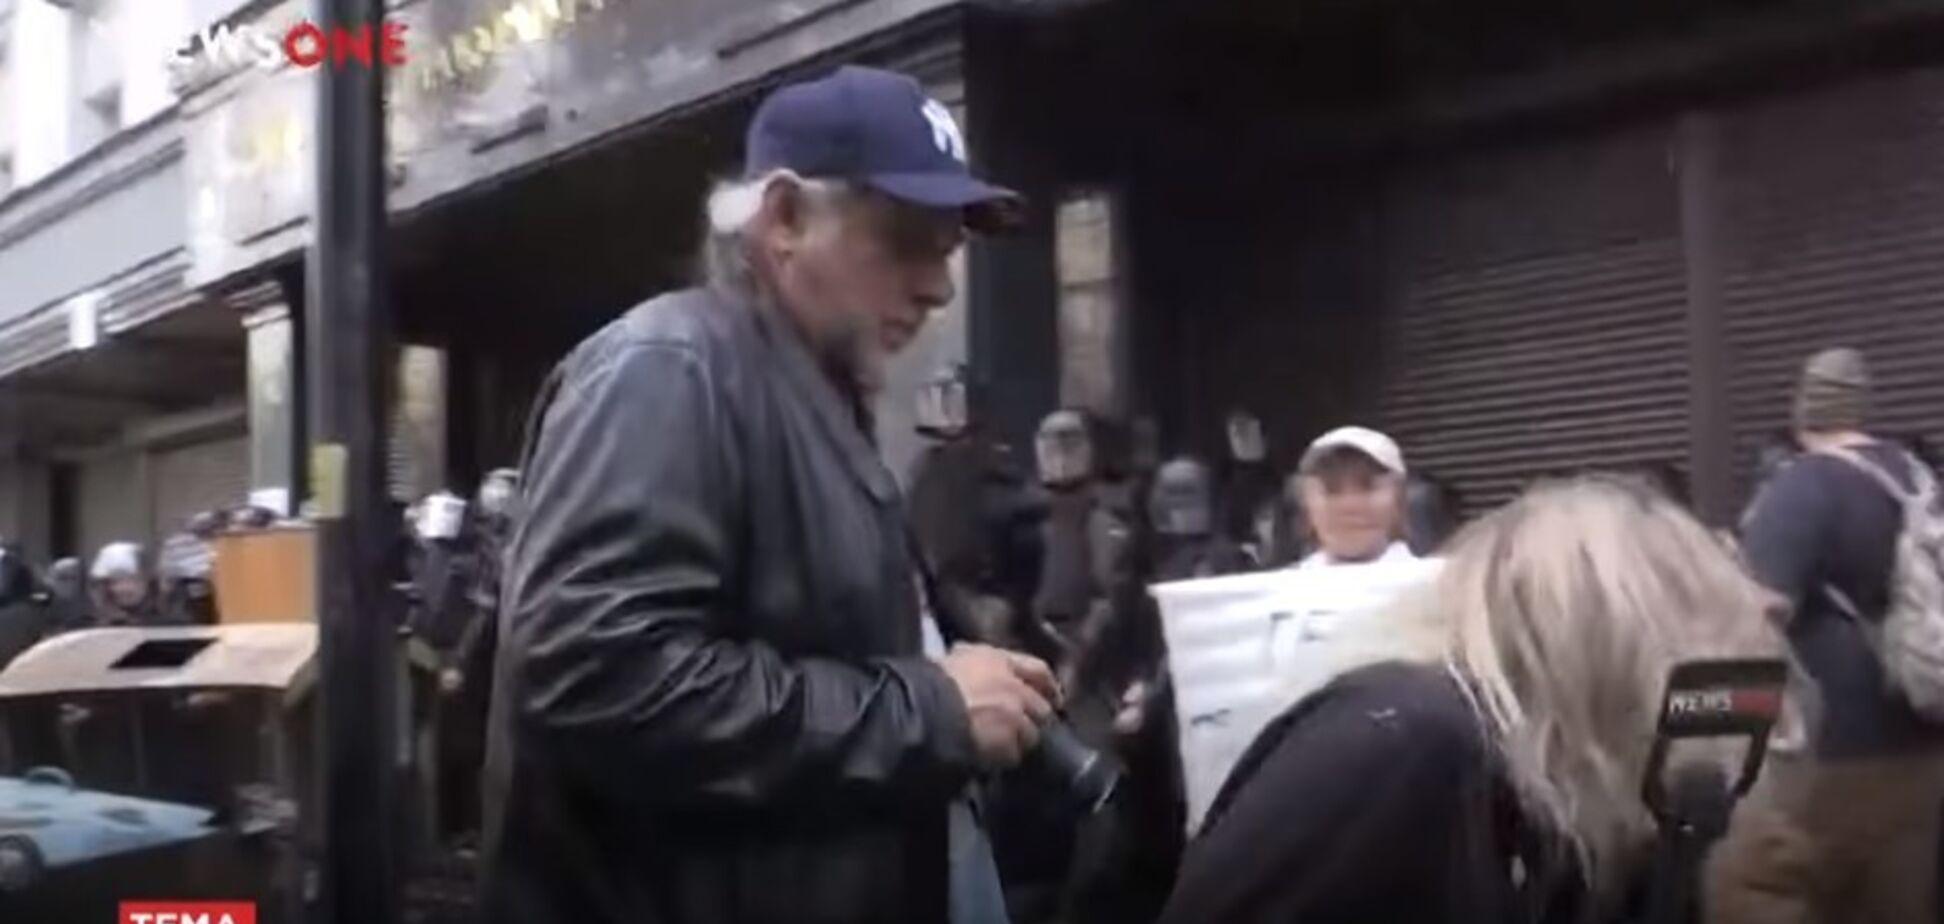 У Києві у прямому ефірі напали на журналістку: відео інциденту